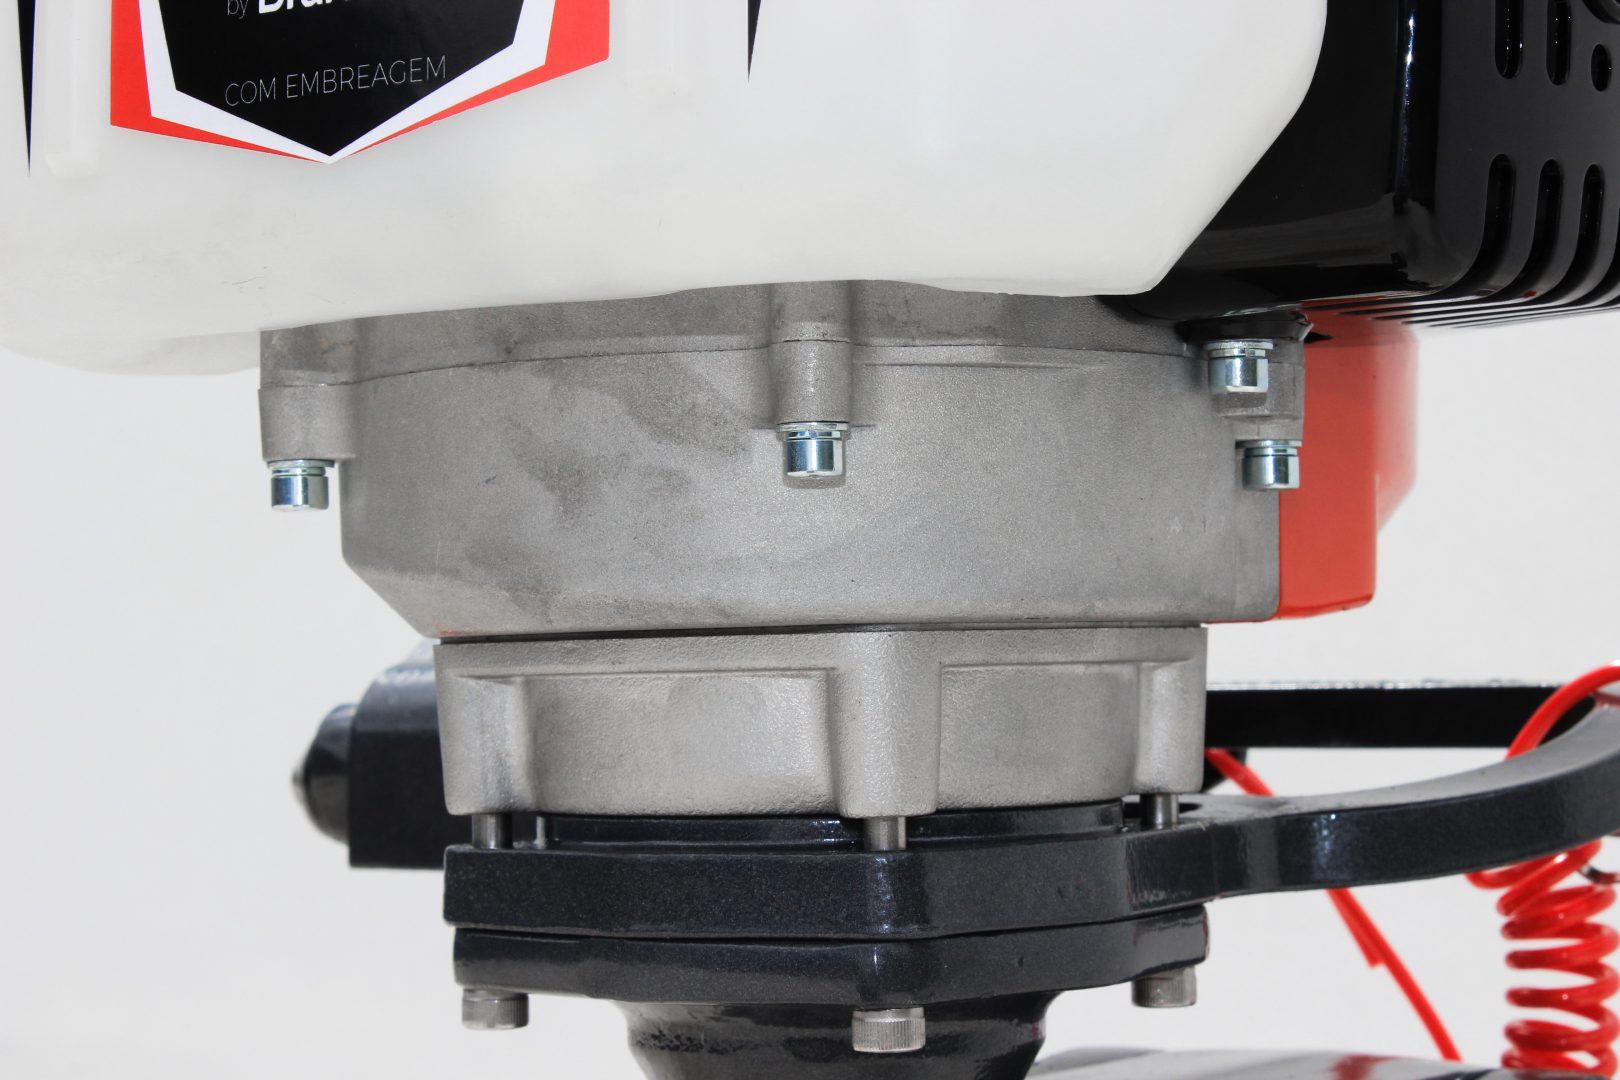 Kit Jet Turbo Central com Embreagem + Suporte Central Leader